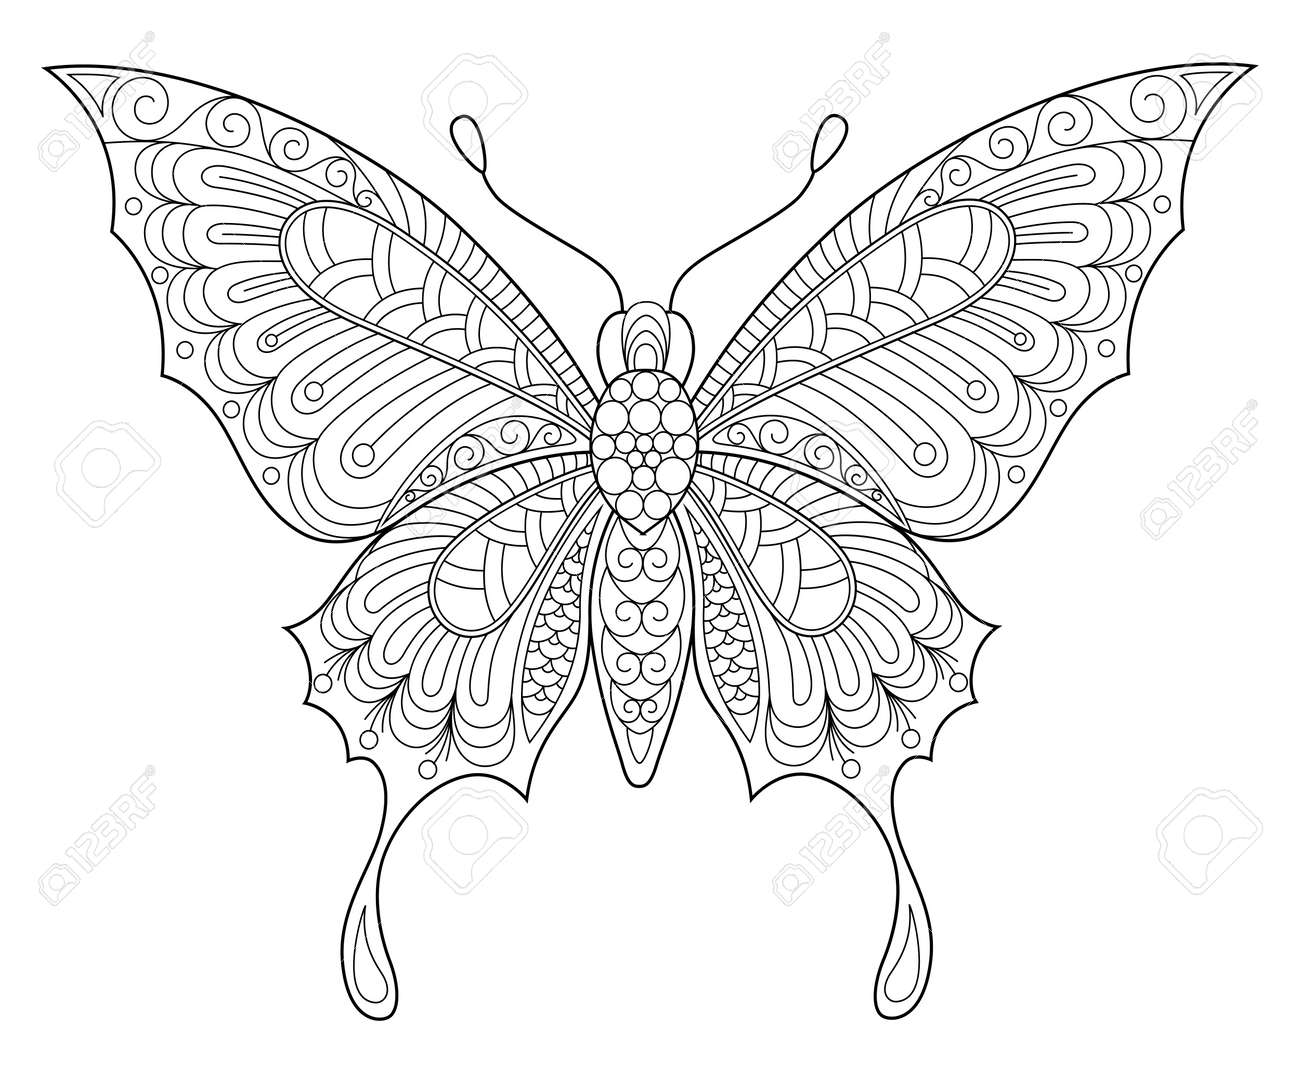 Ausmalbilder Für Erwachsene Schmetterling : Ein Schmetterling Adult Antistress Ausmalbilder Schwarz Wei Hand